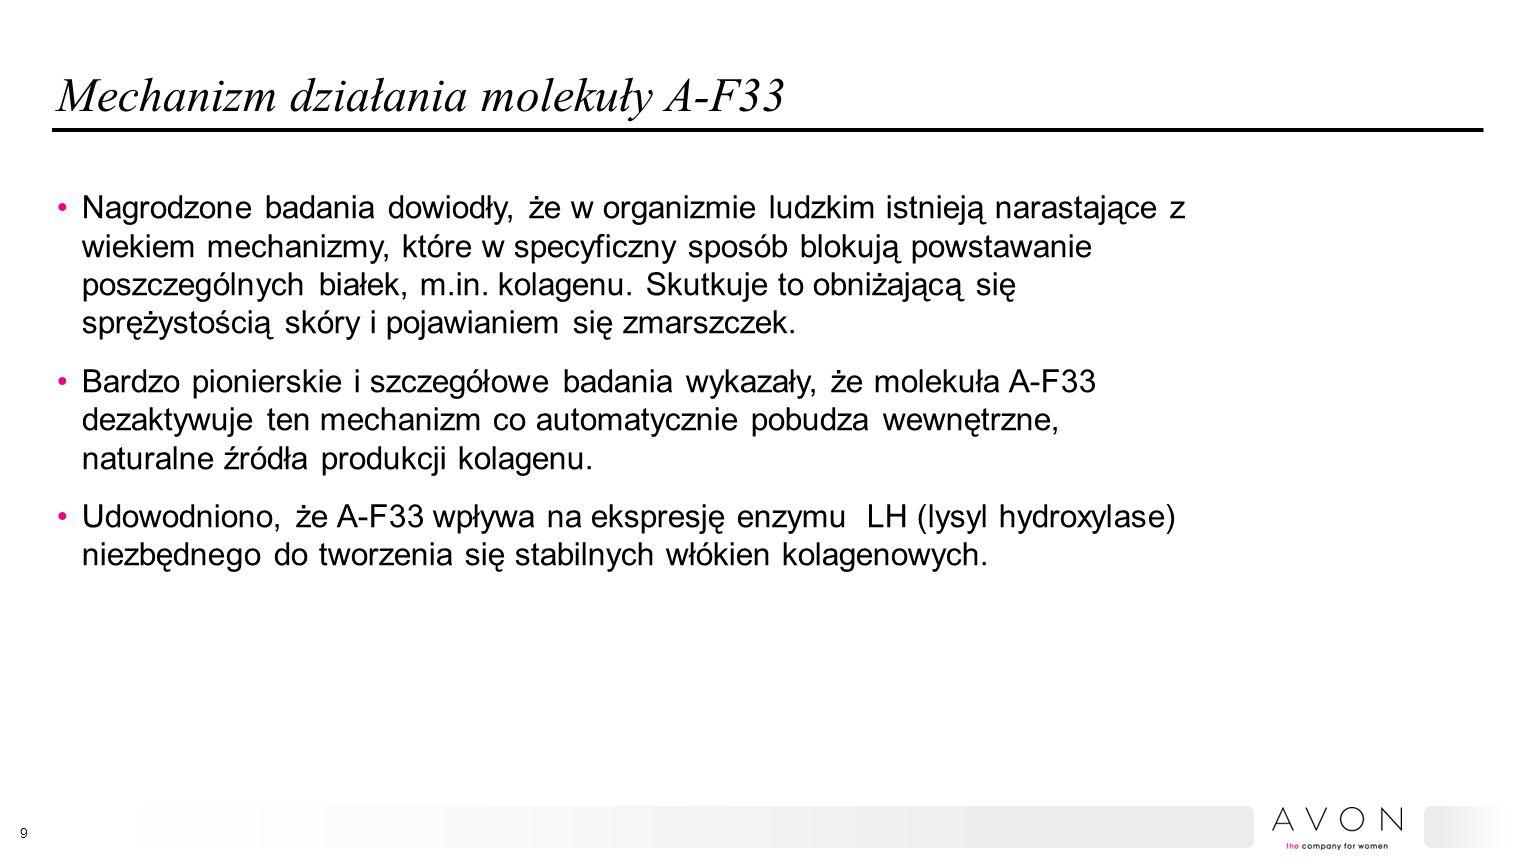 Mechanizm działania molekuły A-F33 Nagrodzone badania dowiodły, że w organizmie ludzkim istnieją narastające z wiekiem mechanizmy, które w specyficzny sposób blokują powstawanie poszczególnych białek, m.in.